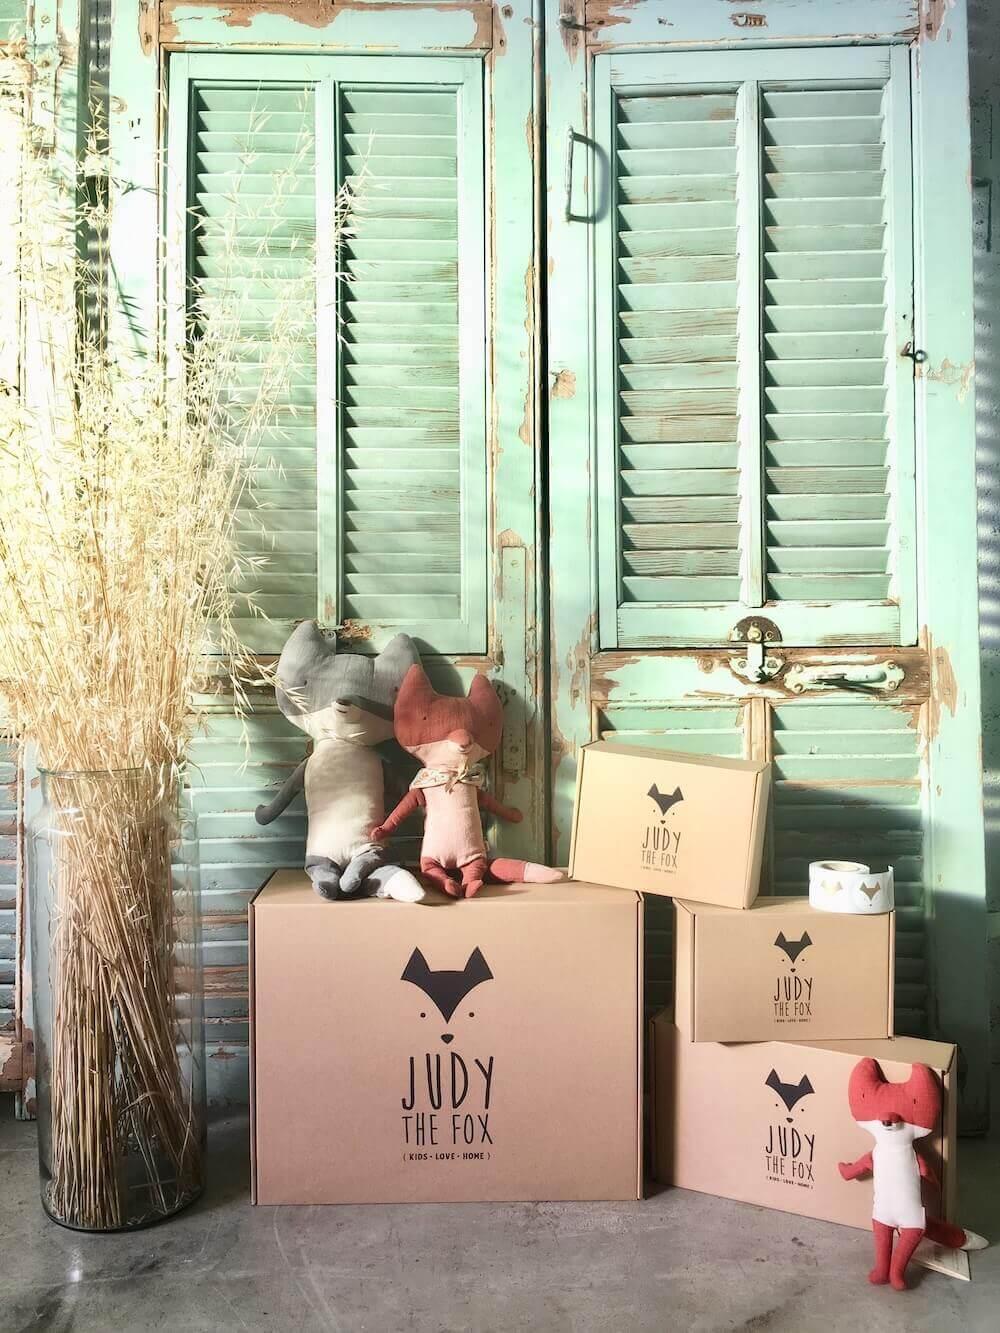 Judy the Fox produktové obaly na míru